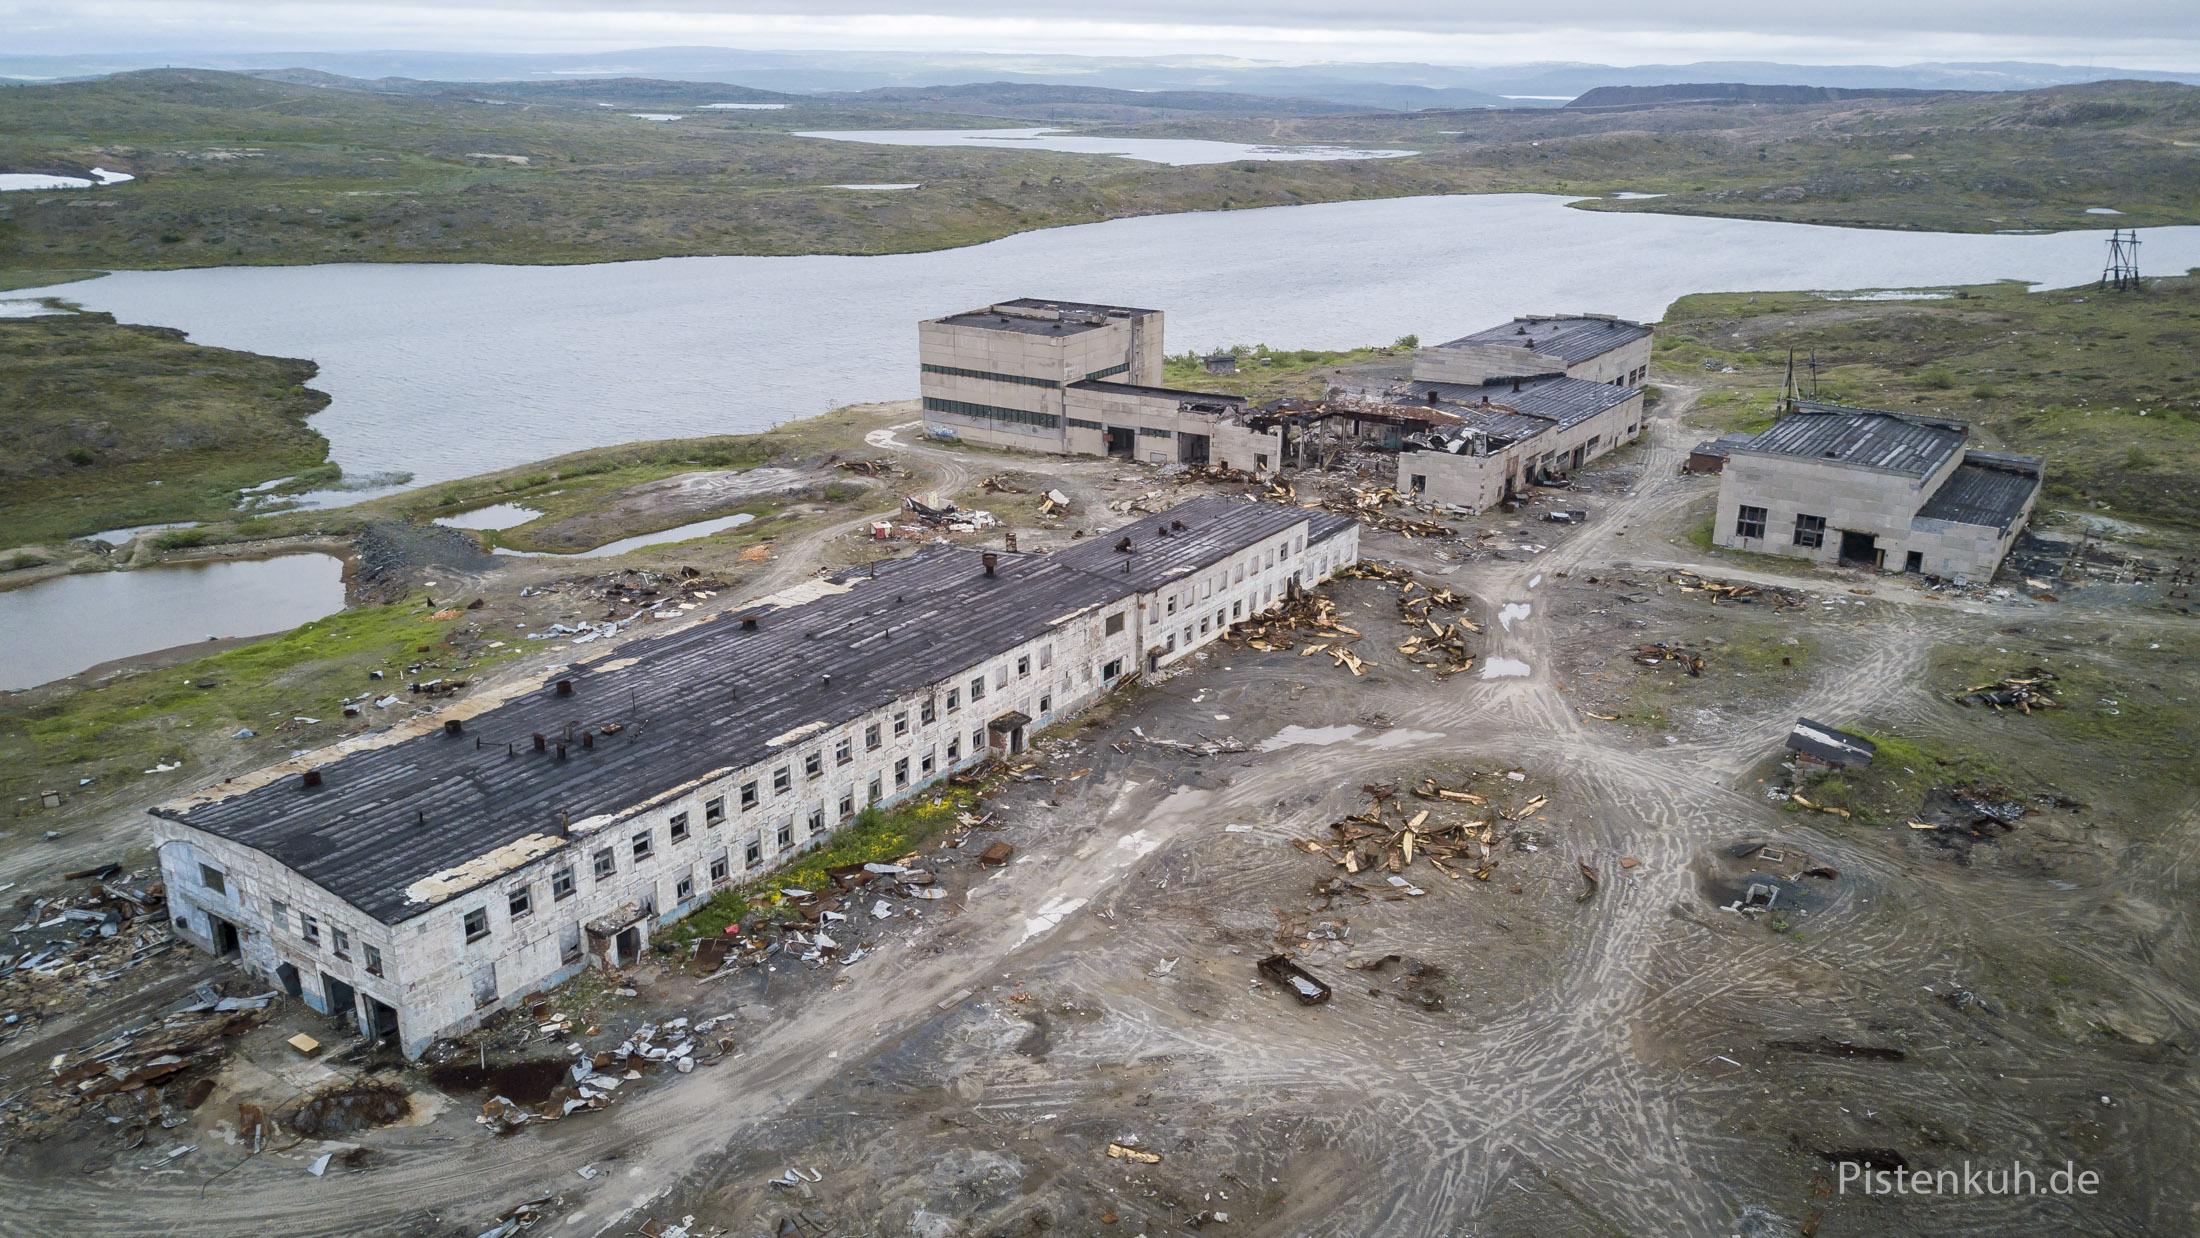 Anlage der Kola-Bohrung im Jahr 2017. Geplündert und zerstört.